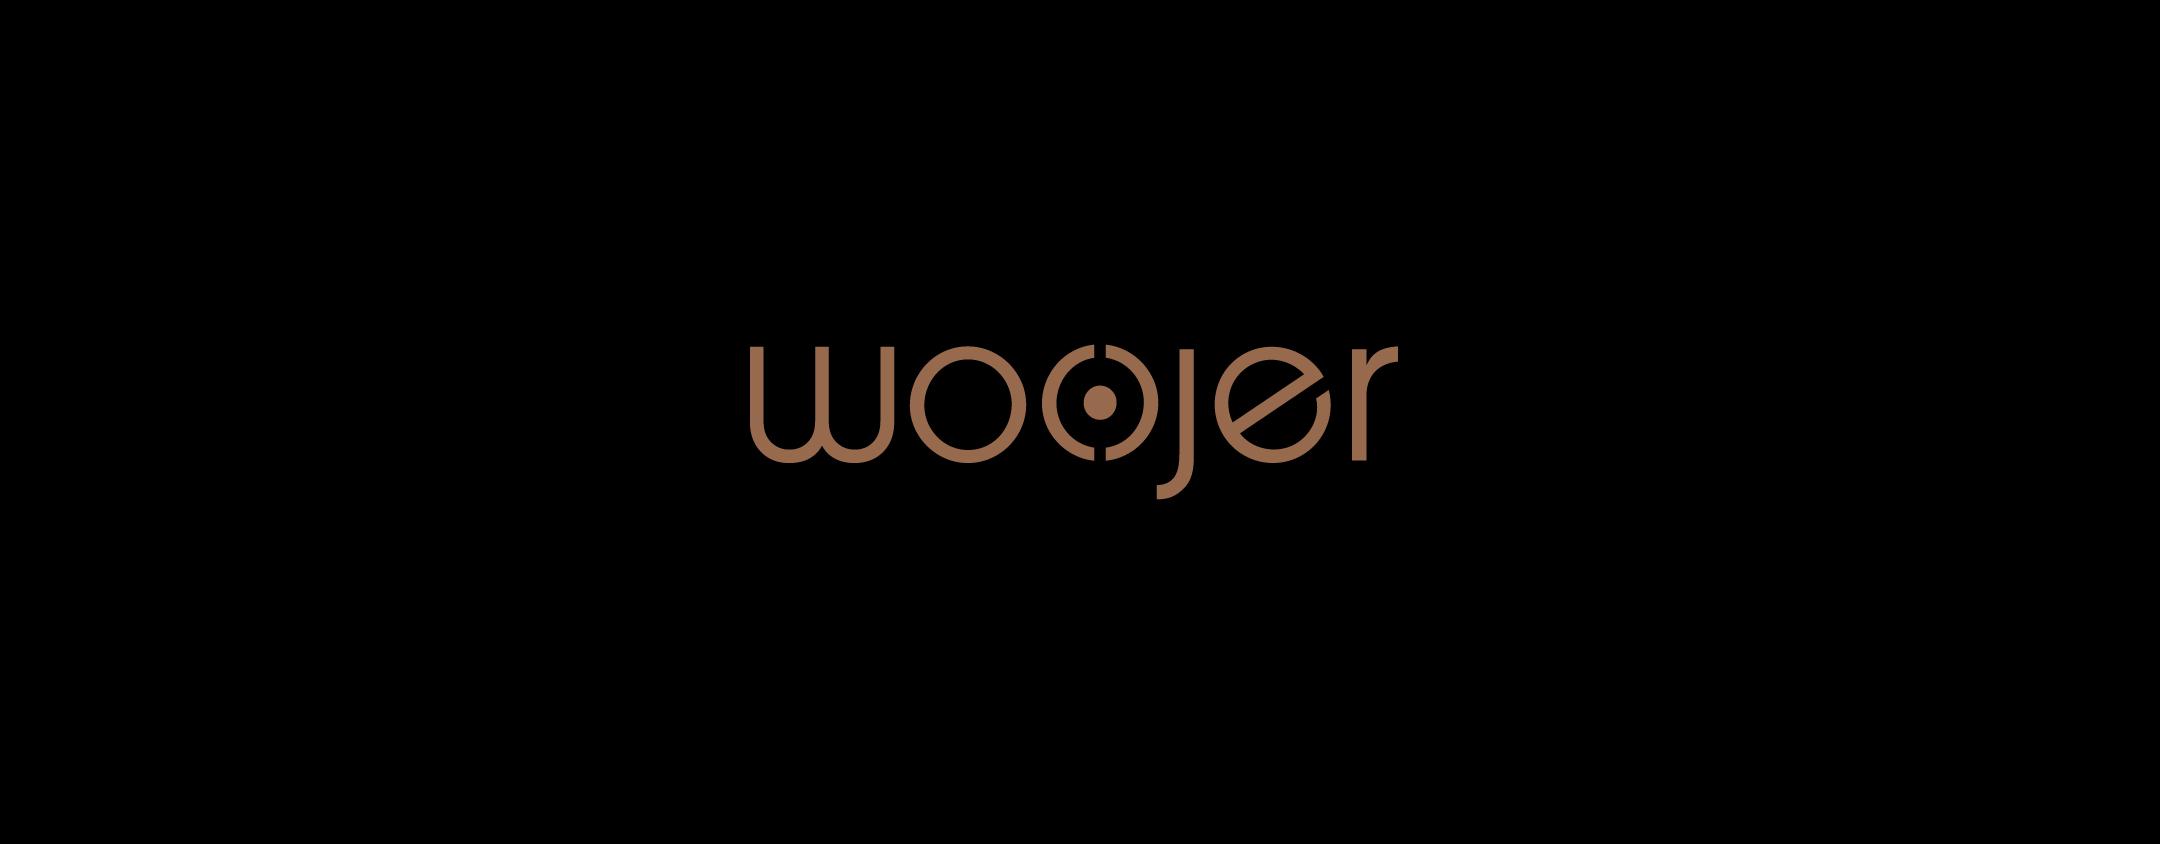 woojer עיצוב אריזות עיצוב פריסה אביזרים לגיימרים קריאטיב